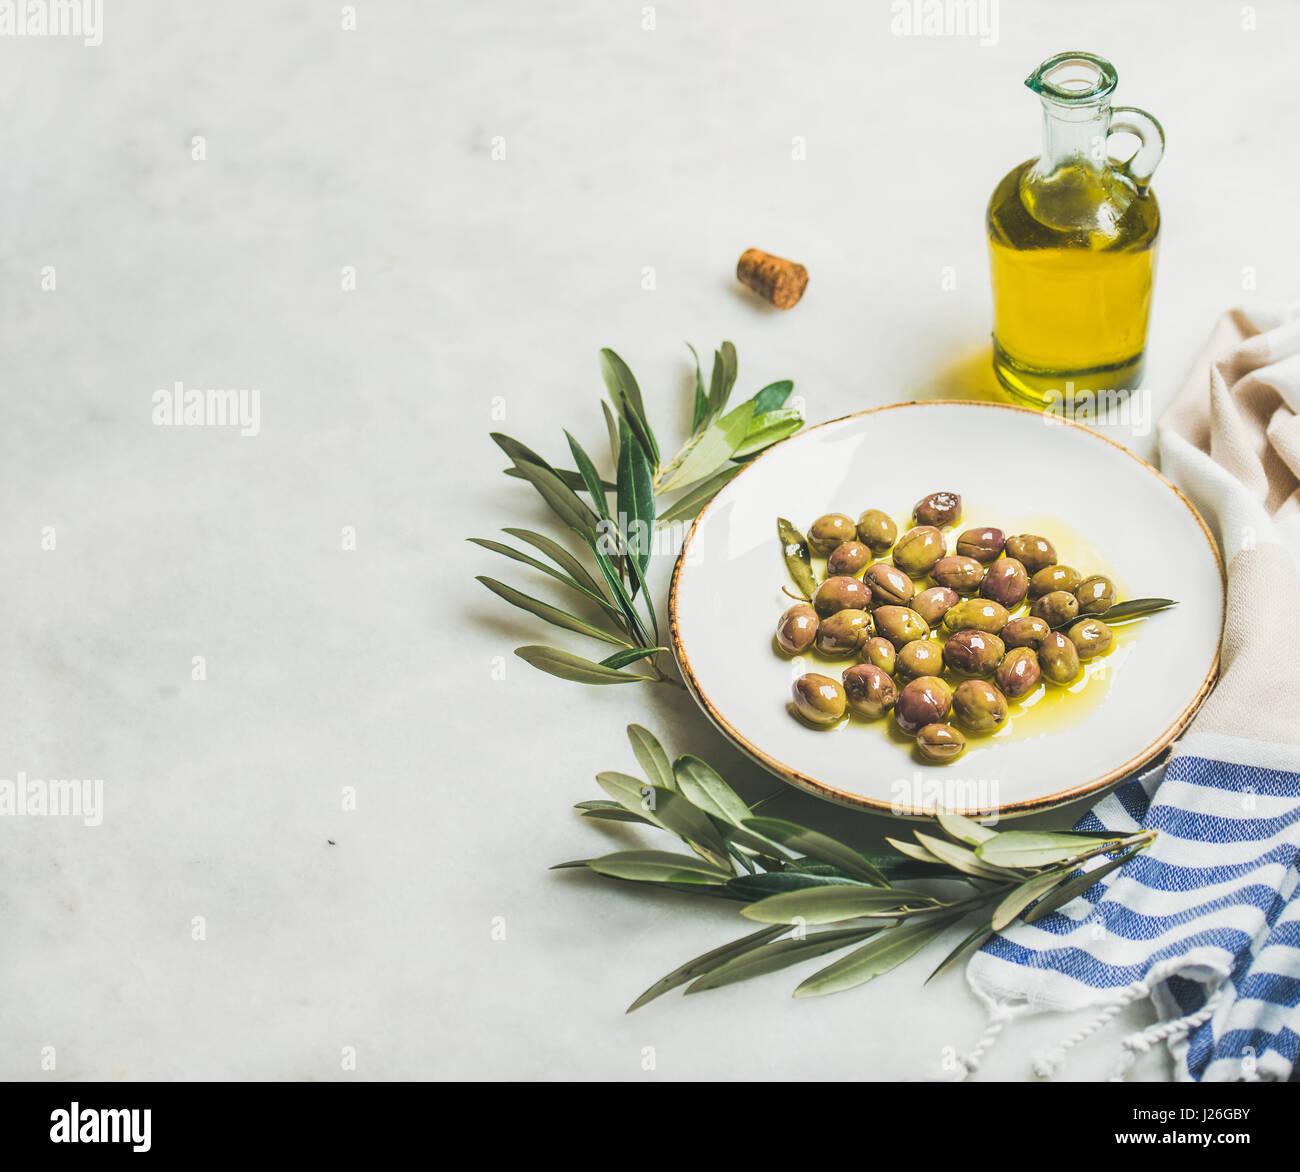 Encurtido Mediterráneo verde aceituna, rama de olivo y aceite virgen Imagen De Stock